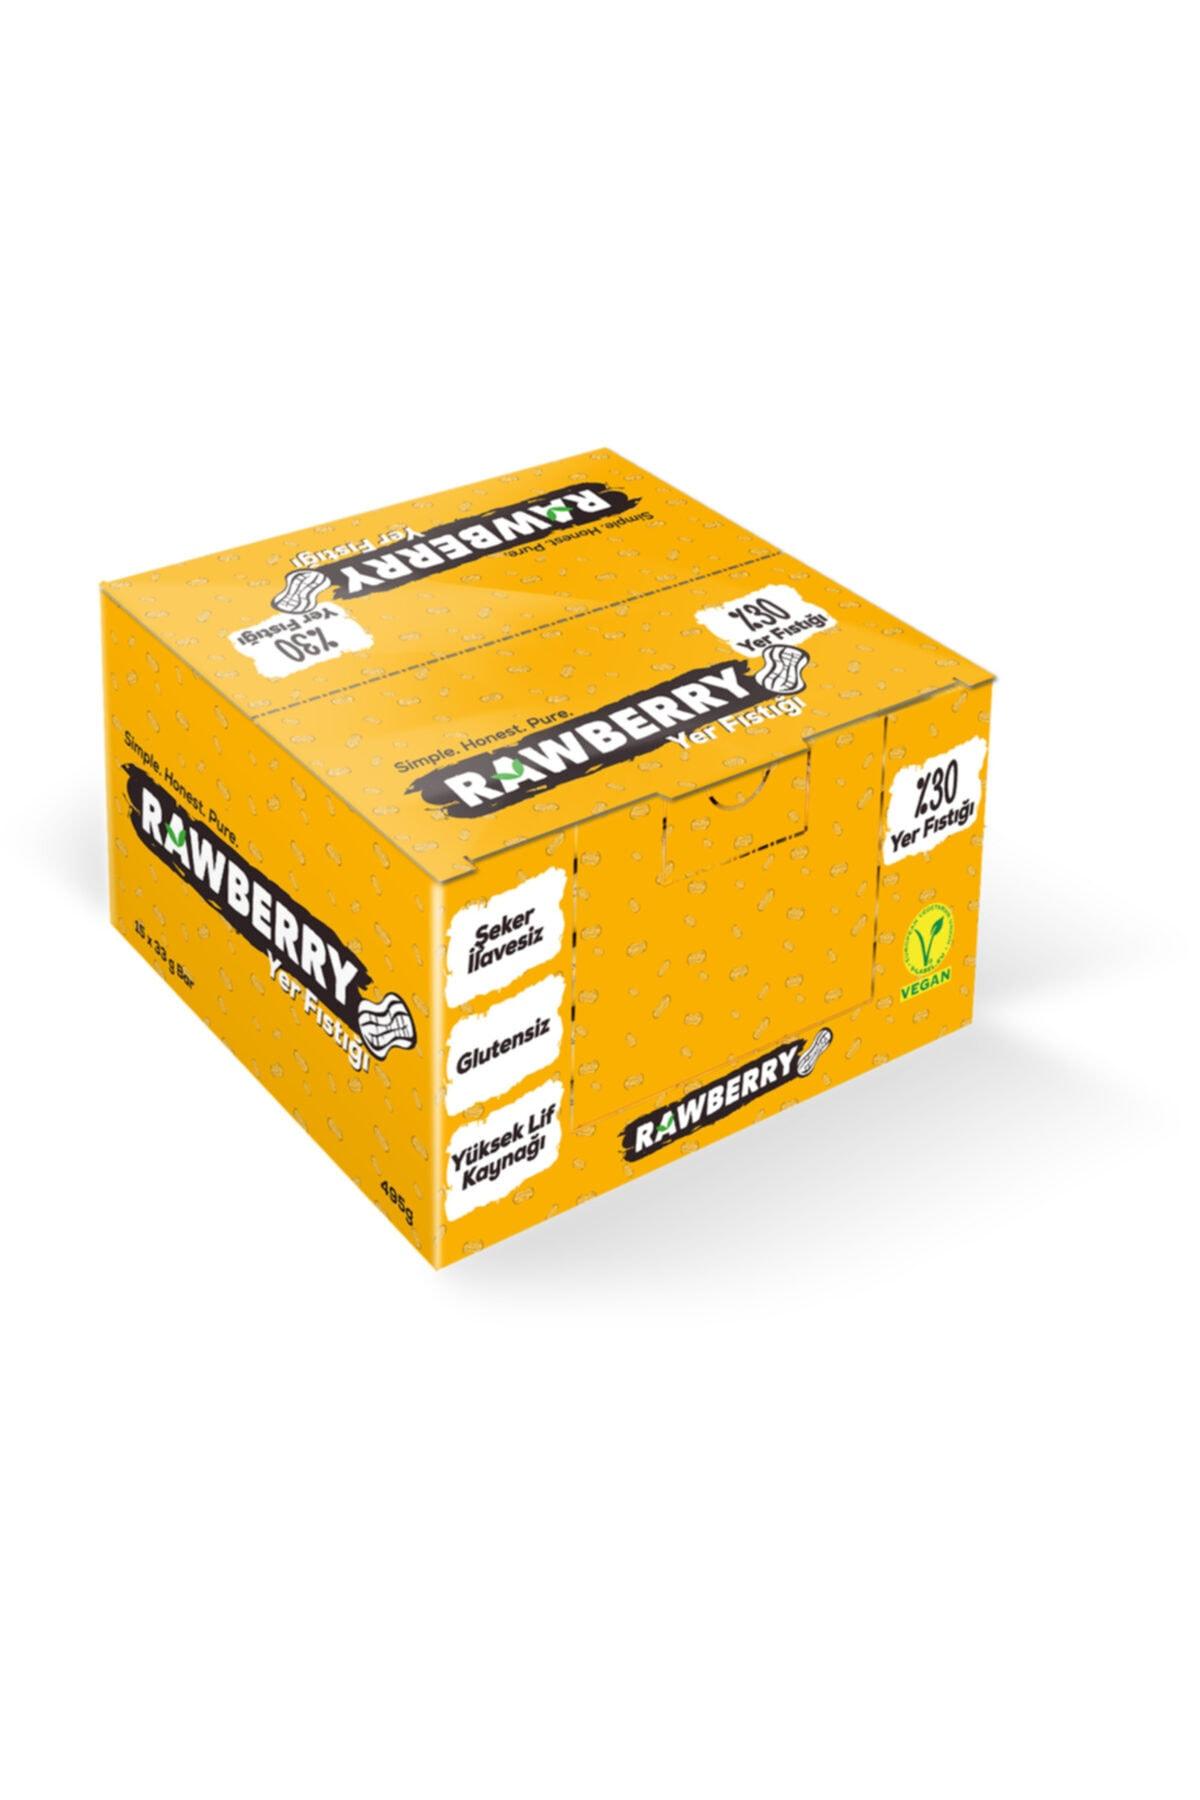 Rawberry Yer Fıstıklı Şeker Ilavesiz Vegan Glutensiz Kuruyemiş Bar (kutuda 15 Adet) 2